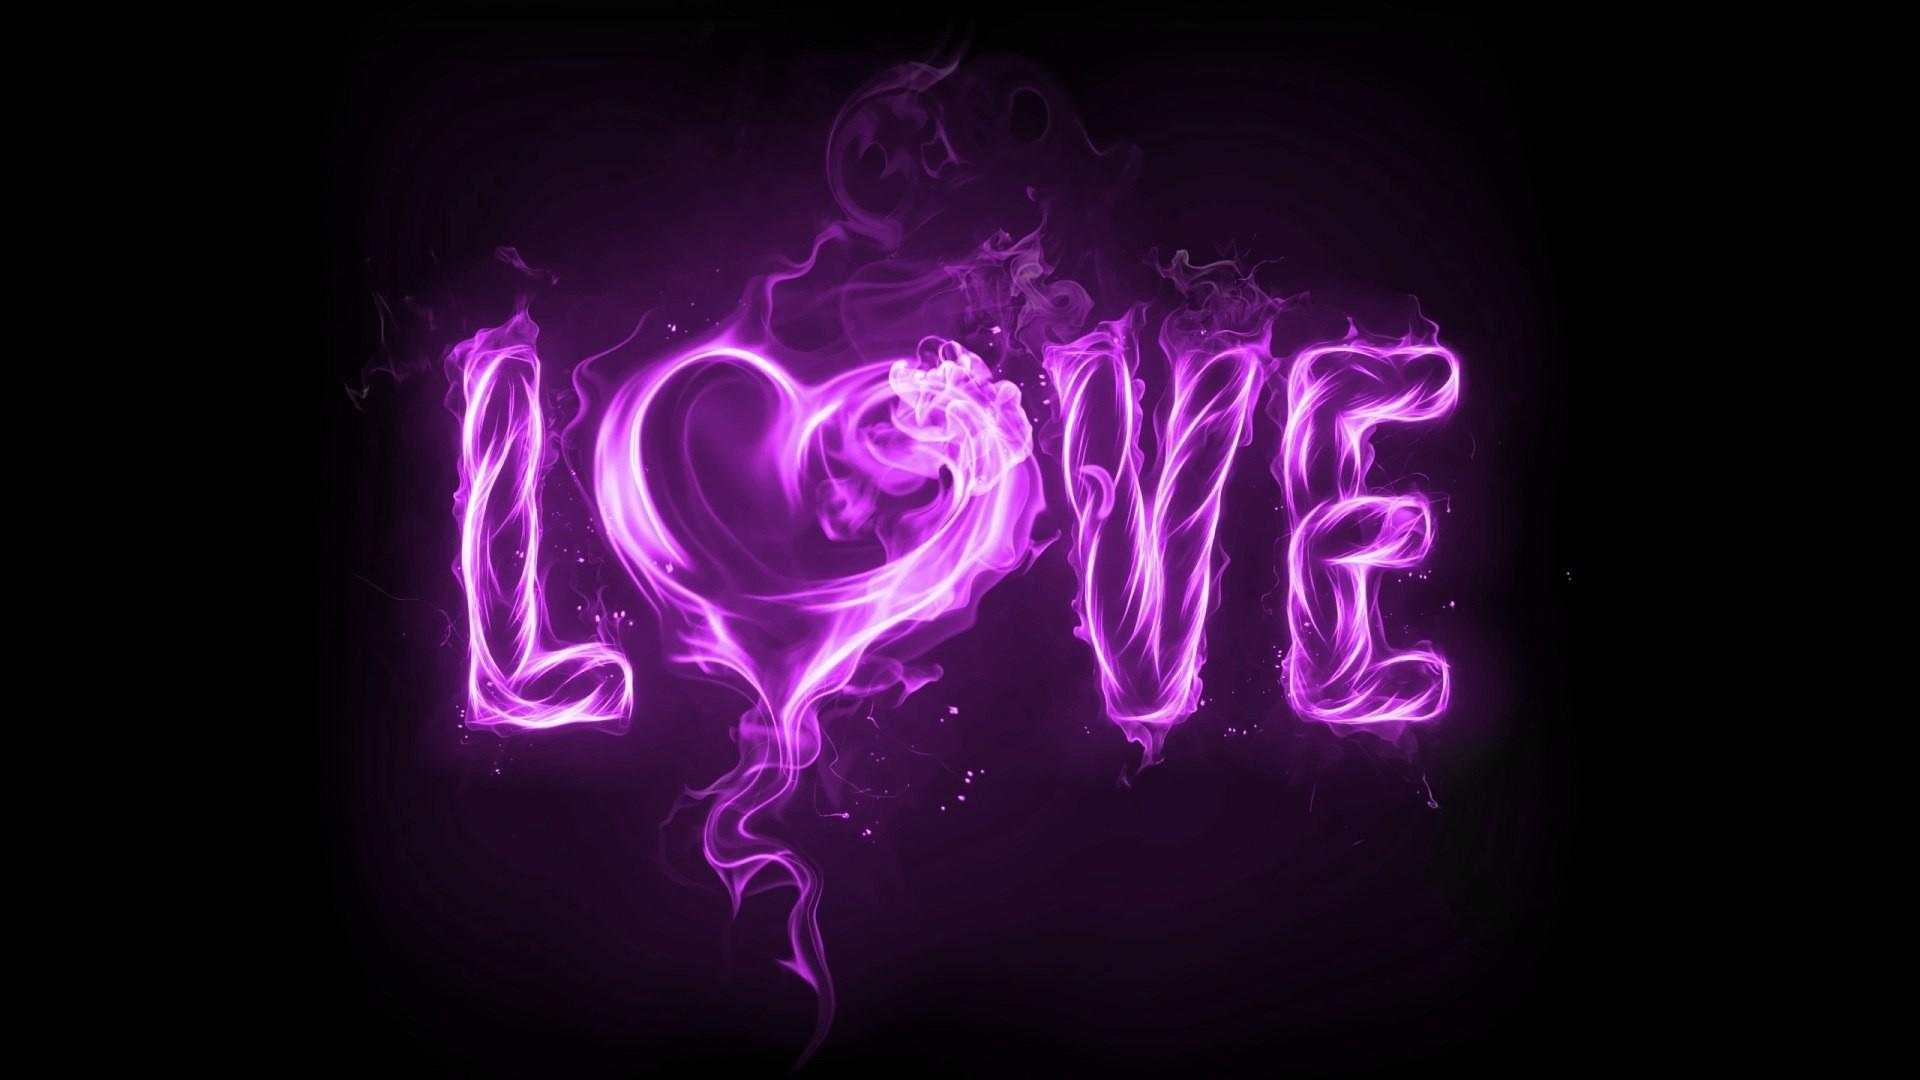 purple hearts wallpaper ·①